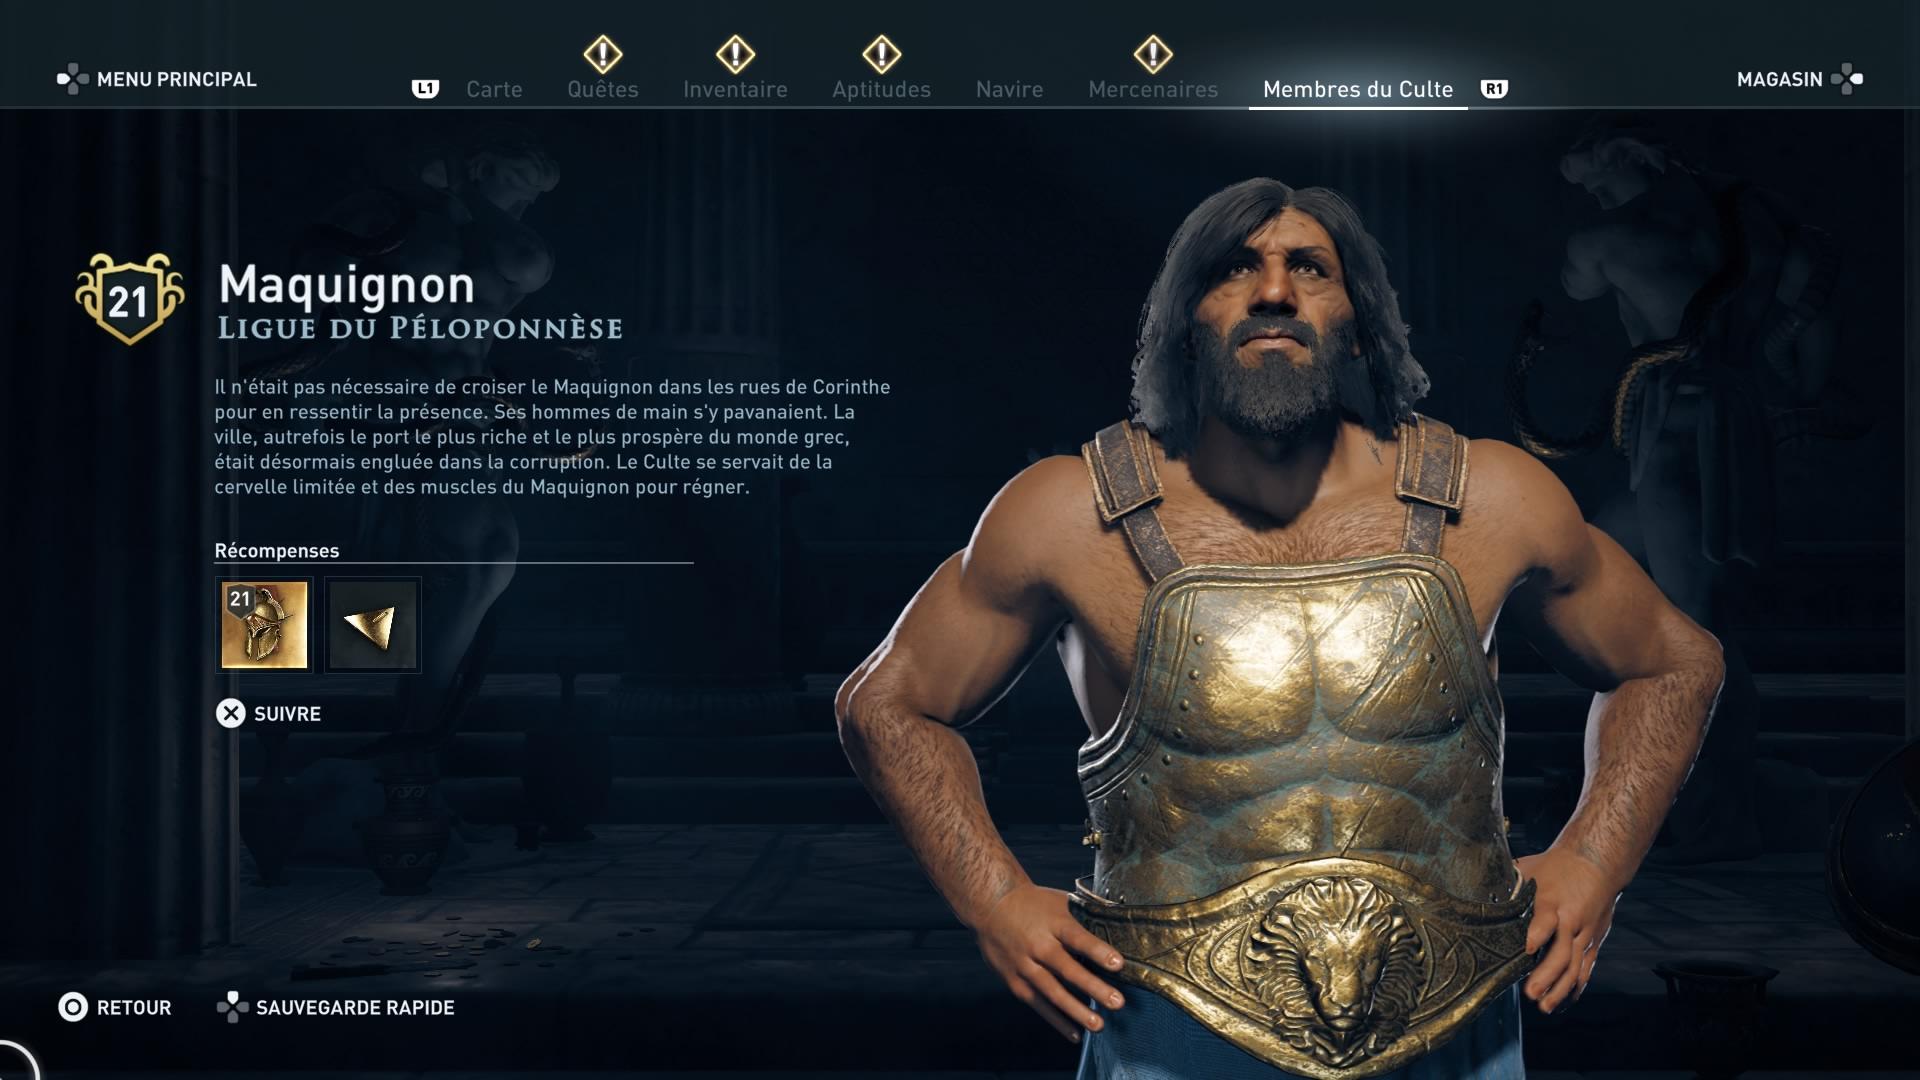 Assassin's Creed Odyssey trouver et tuer les adeptes du culte du Kosmos, ps4, xbox one, pc, ubisoft, jeu vidéo, Maquignon , ligue du péloponèse